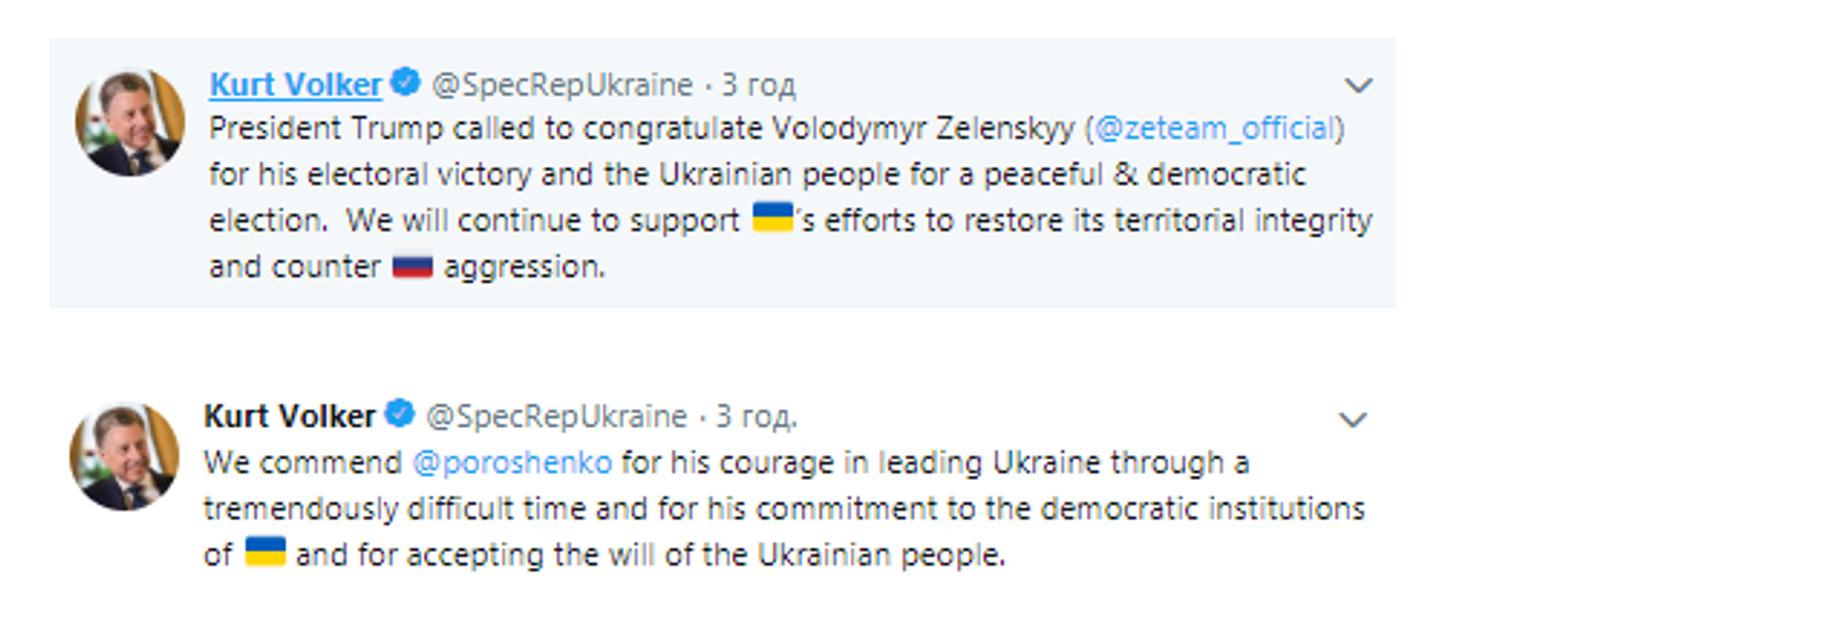 Зеленский президент: что станет с Украиной - фото 179949